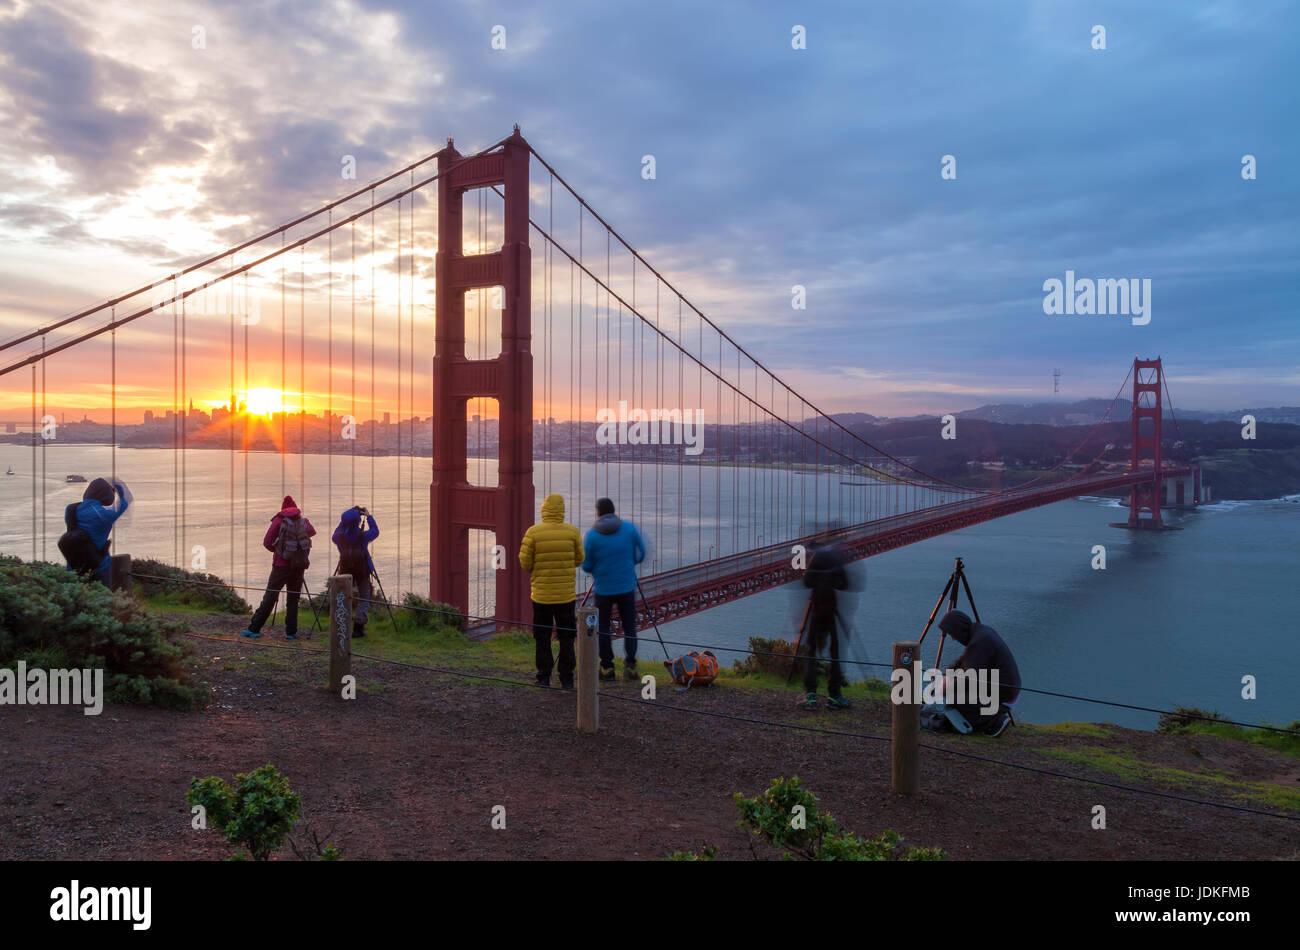 Puente Golden Gate y fotógrafos Imagen De Stock